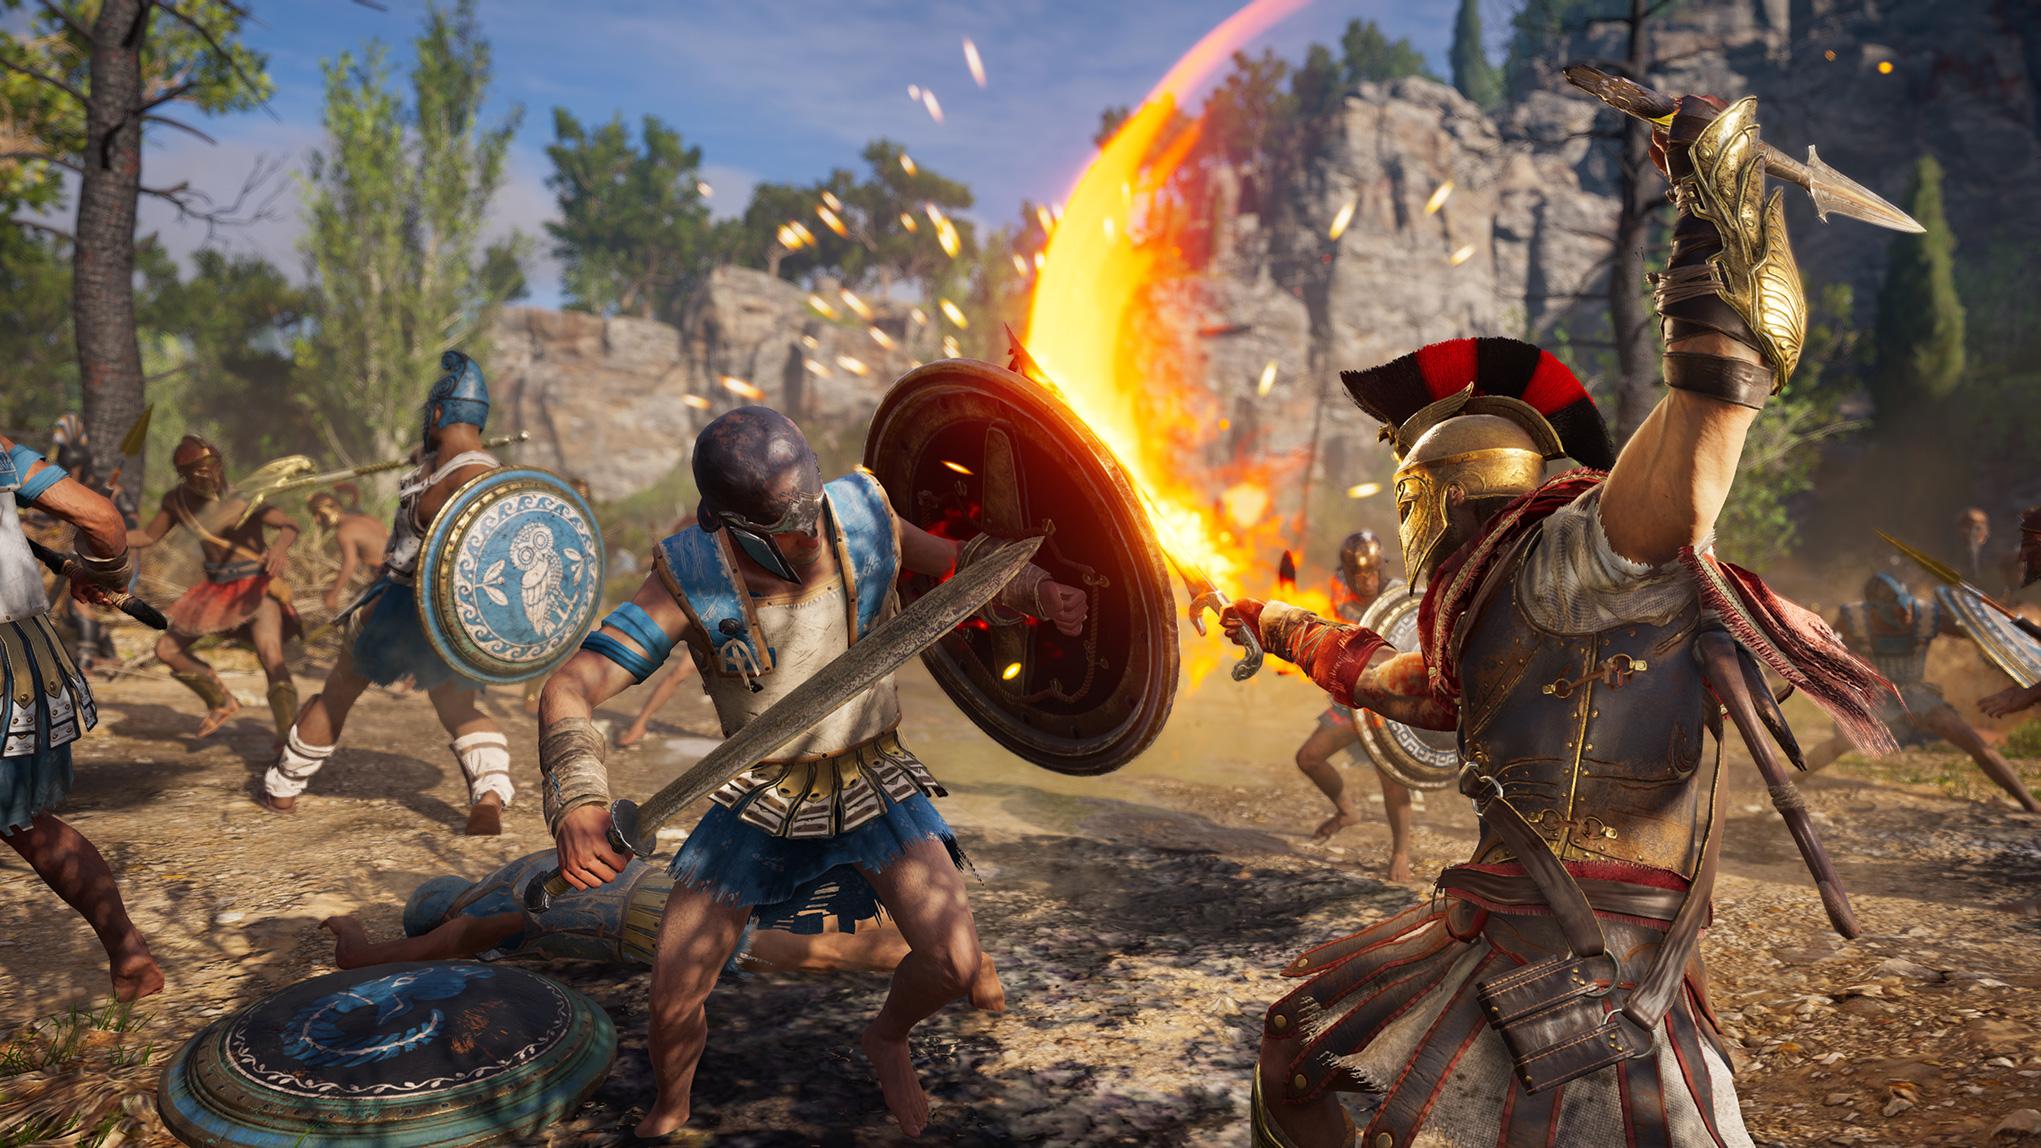 """Ist neben vielen anderen Ubisoft-Spielen nach wie vor das Aushängeschild von Googles neuem Streaming-Dienst: """"Assassin's Creed: Odyssey"""". Eigene Spiele hat der Hersteller leider keine gezeigt."""